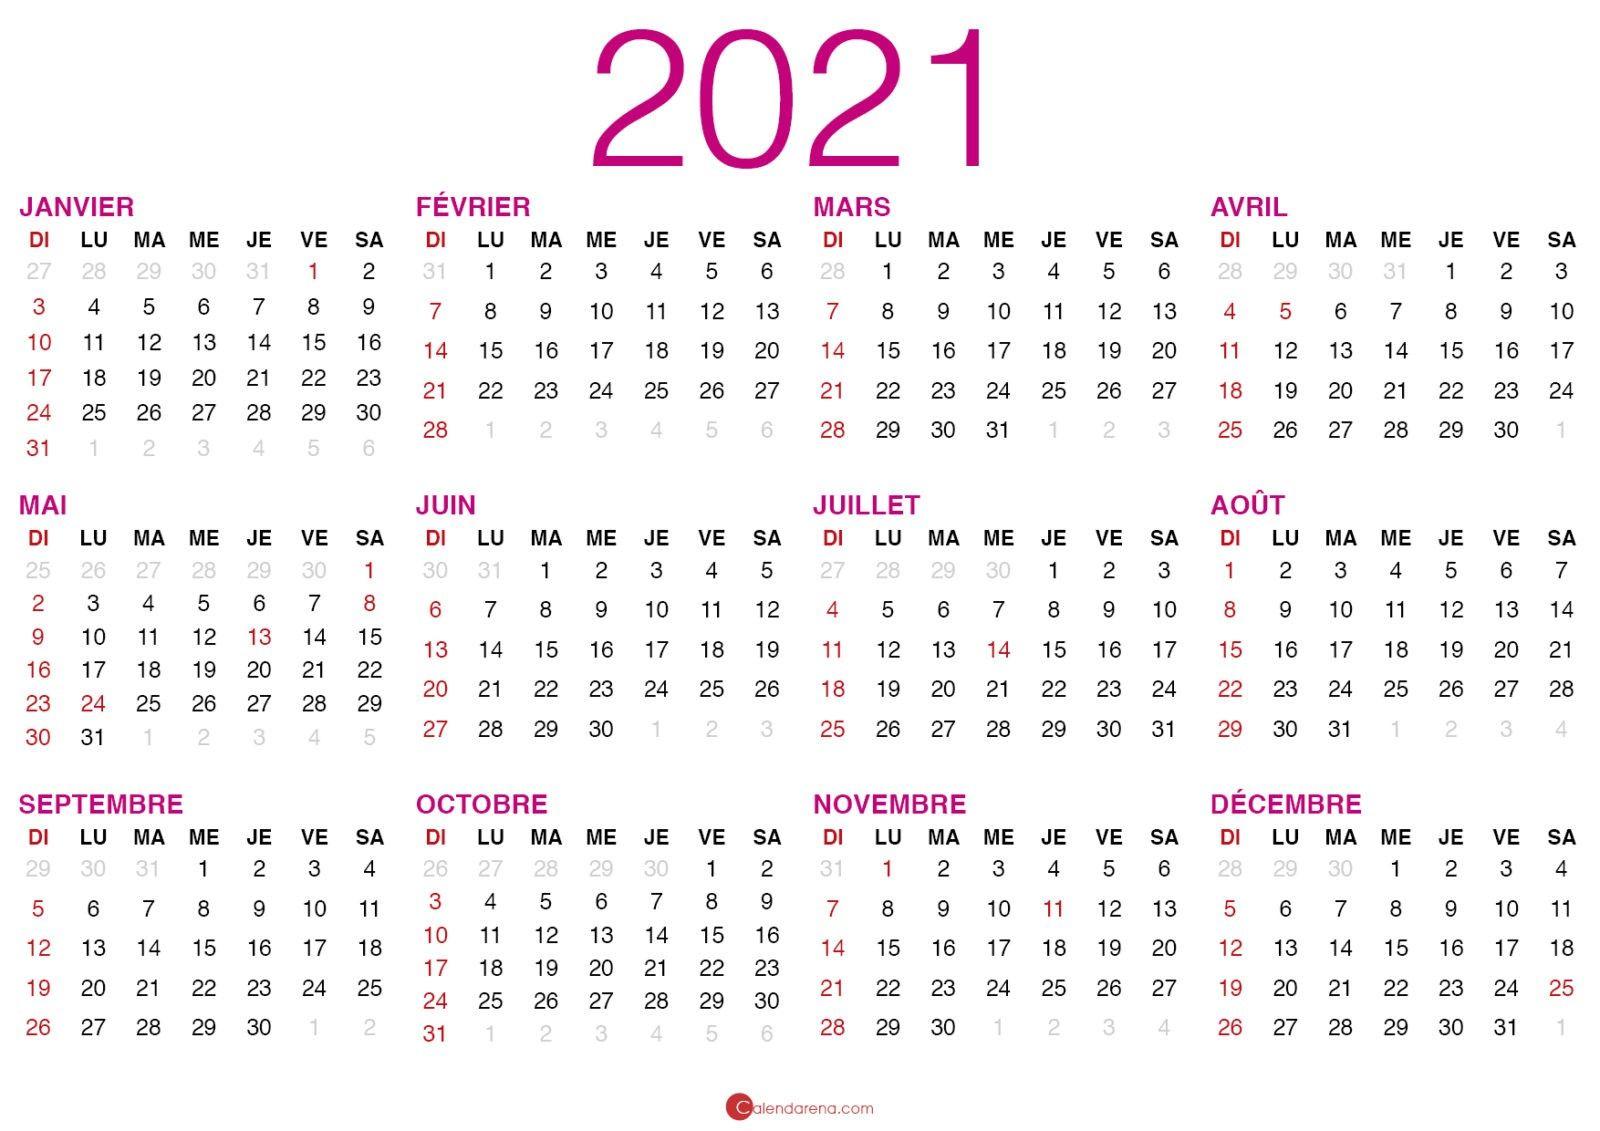 Faire Calendrier 2021 Calendrier 2021 à imprimer en 2020 | Calendrier à imprimer